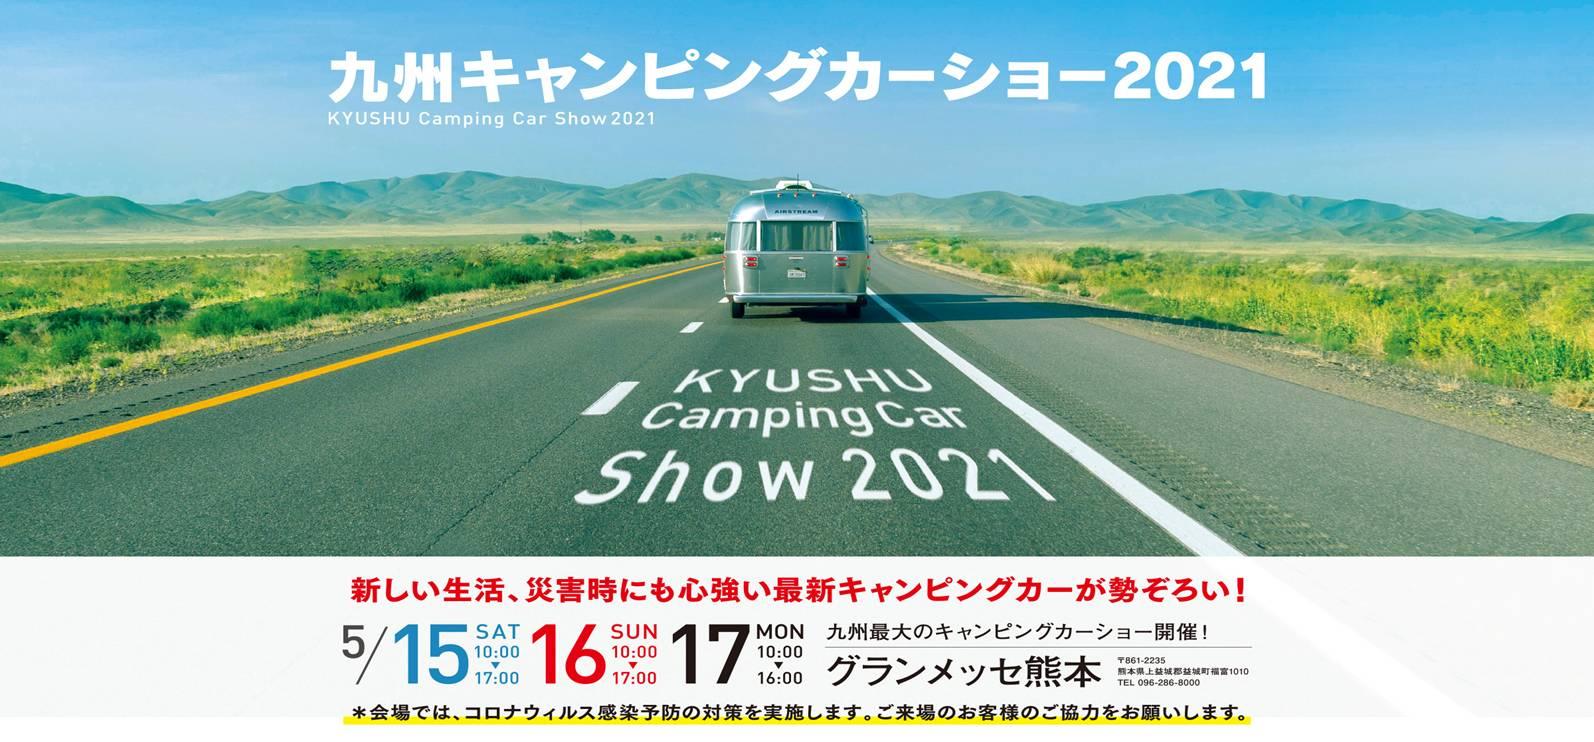 九州キャンピングカーショー  2021 in熊本